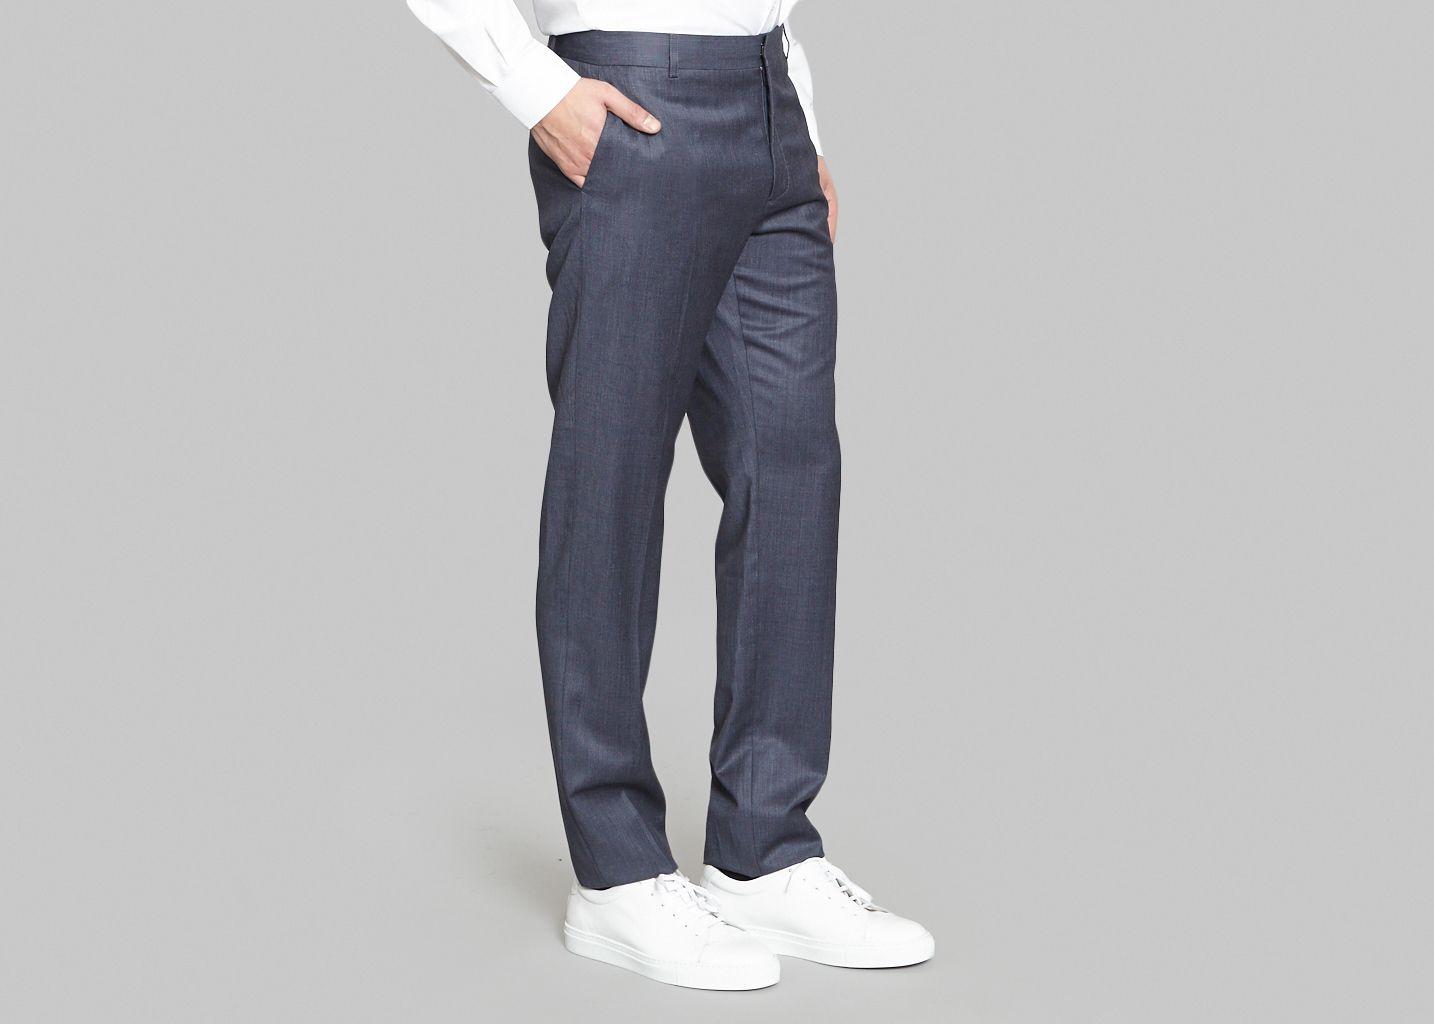 Pantalon Masdor - Paul & Joe